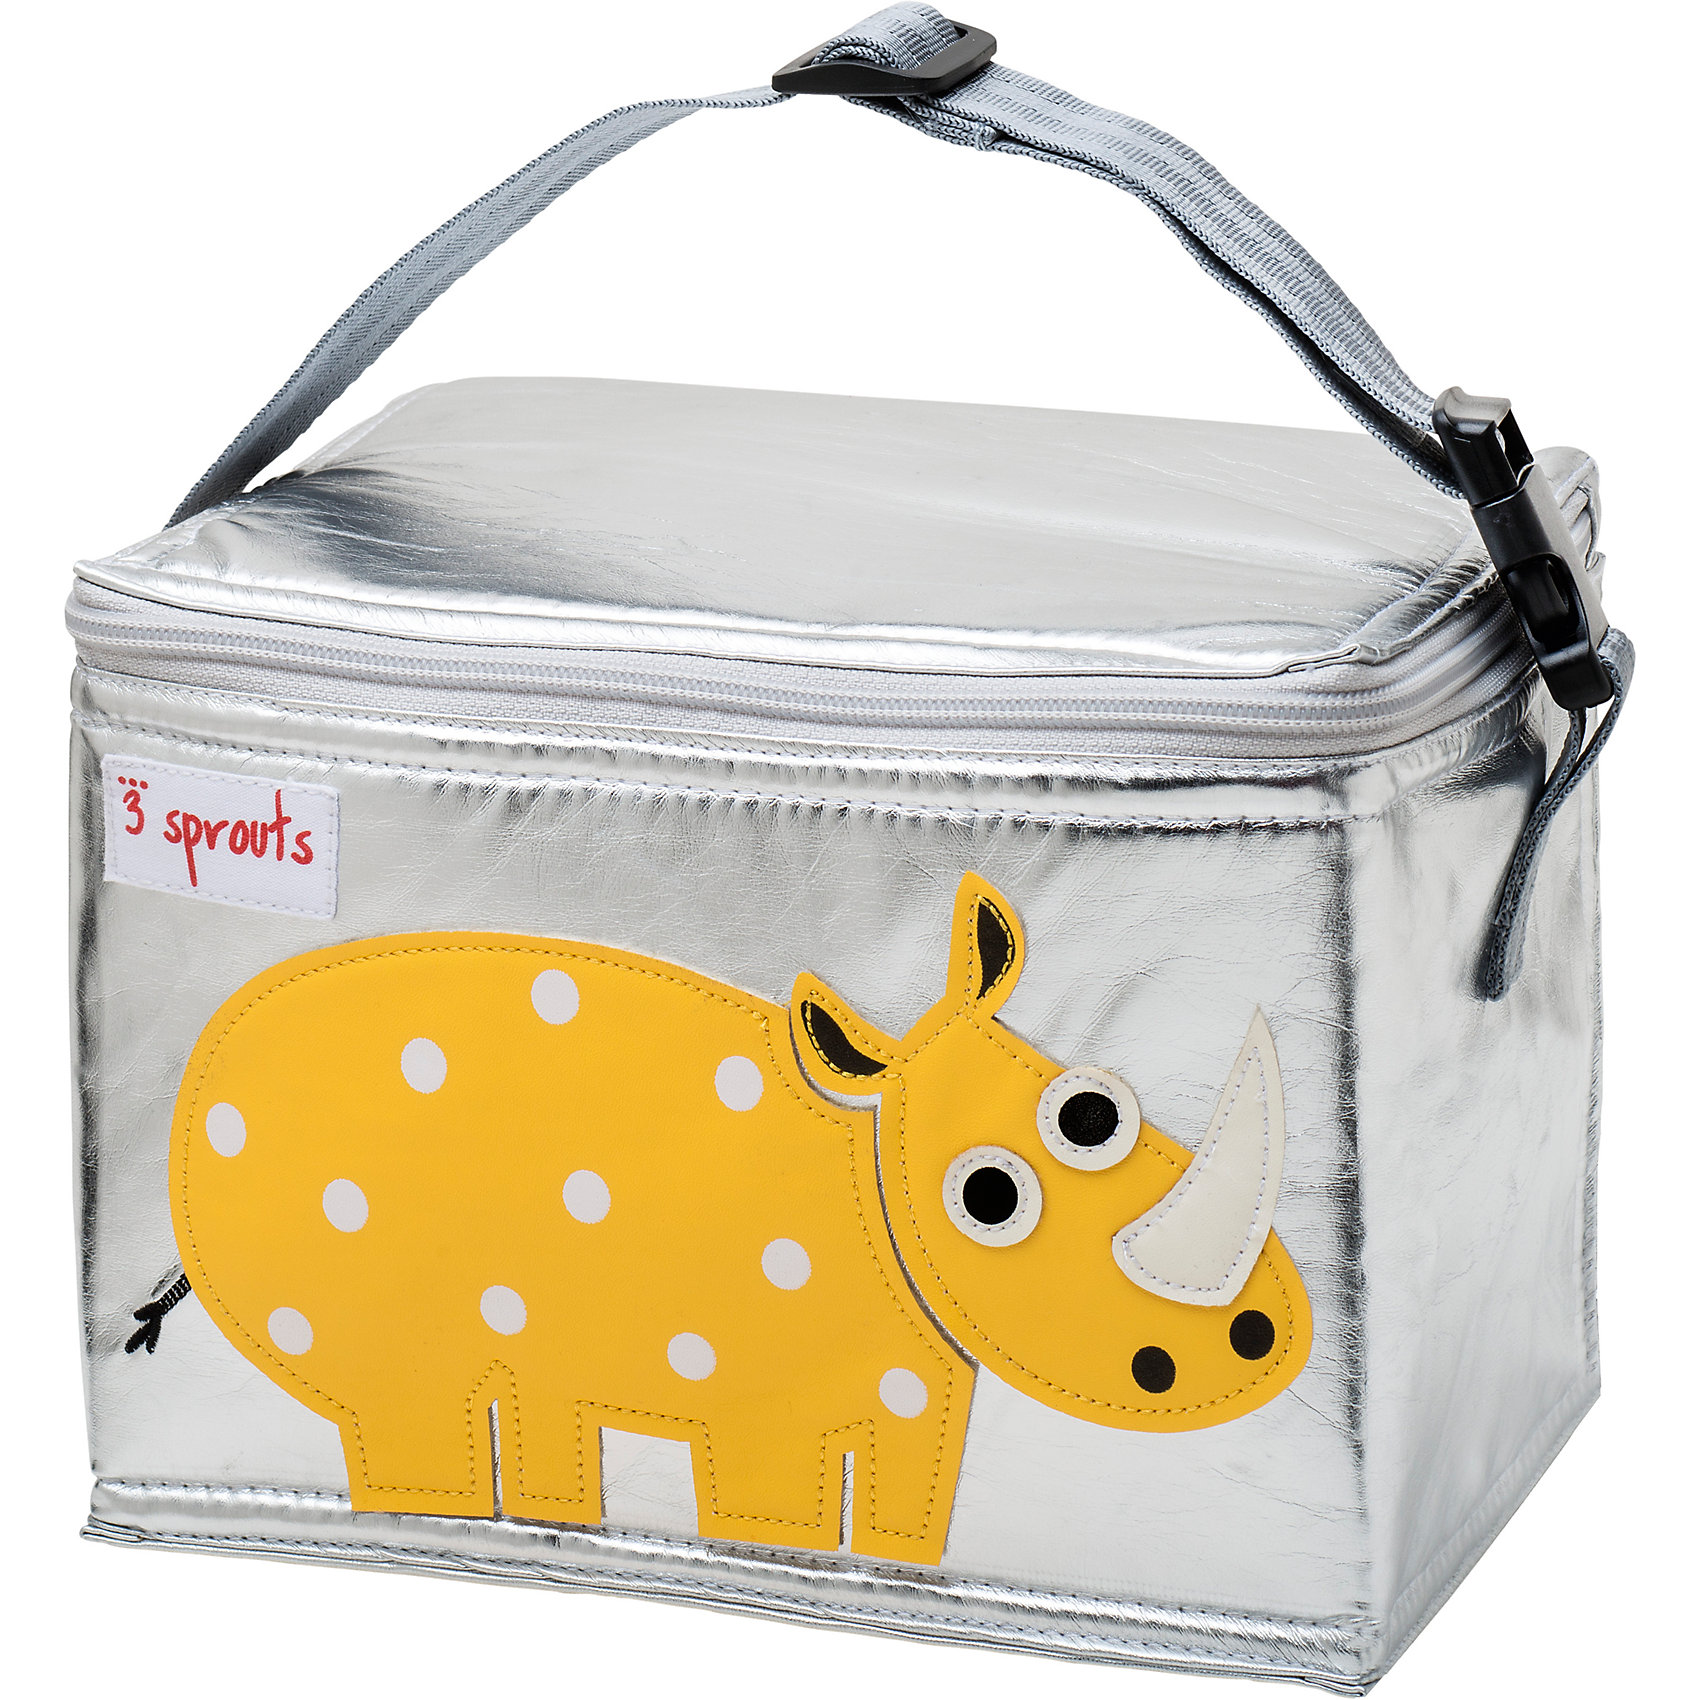 Сумка для обеда Носорог (Yellow Rhino SPR1003), 3 Sprouts, желтыйТермосумки и термосы<br>Прекрасная сумка для обеда! Размер идеален для контейнеров, так что вы можете отправить детей в школу вместе с сытными закусками и обедами.<br><br>Дополнительная информация:<br><br>- Размер: 17х17х22 см.<br>- Материал: полиуретан, полиэтиленовая пена, PEVA.<br>- Орнамент: Носорог.<br>- Цвет: желтый.<br><br>Купить сумку для обеда Носорог (Yellow Rhino), можно в нашем магазине.<br><br>Ширина мм: 170<br>Глубина мм: 40<br>Высота мм: 250<br>Вес г: 200<br>Возраст от месяцев: 6<br>Возраст до месяцев: 84<br>Пол: Унисекс<br>Возраст: Детский<br>SKU: 5098260